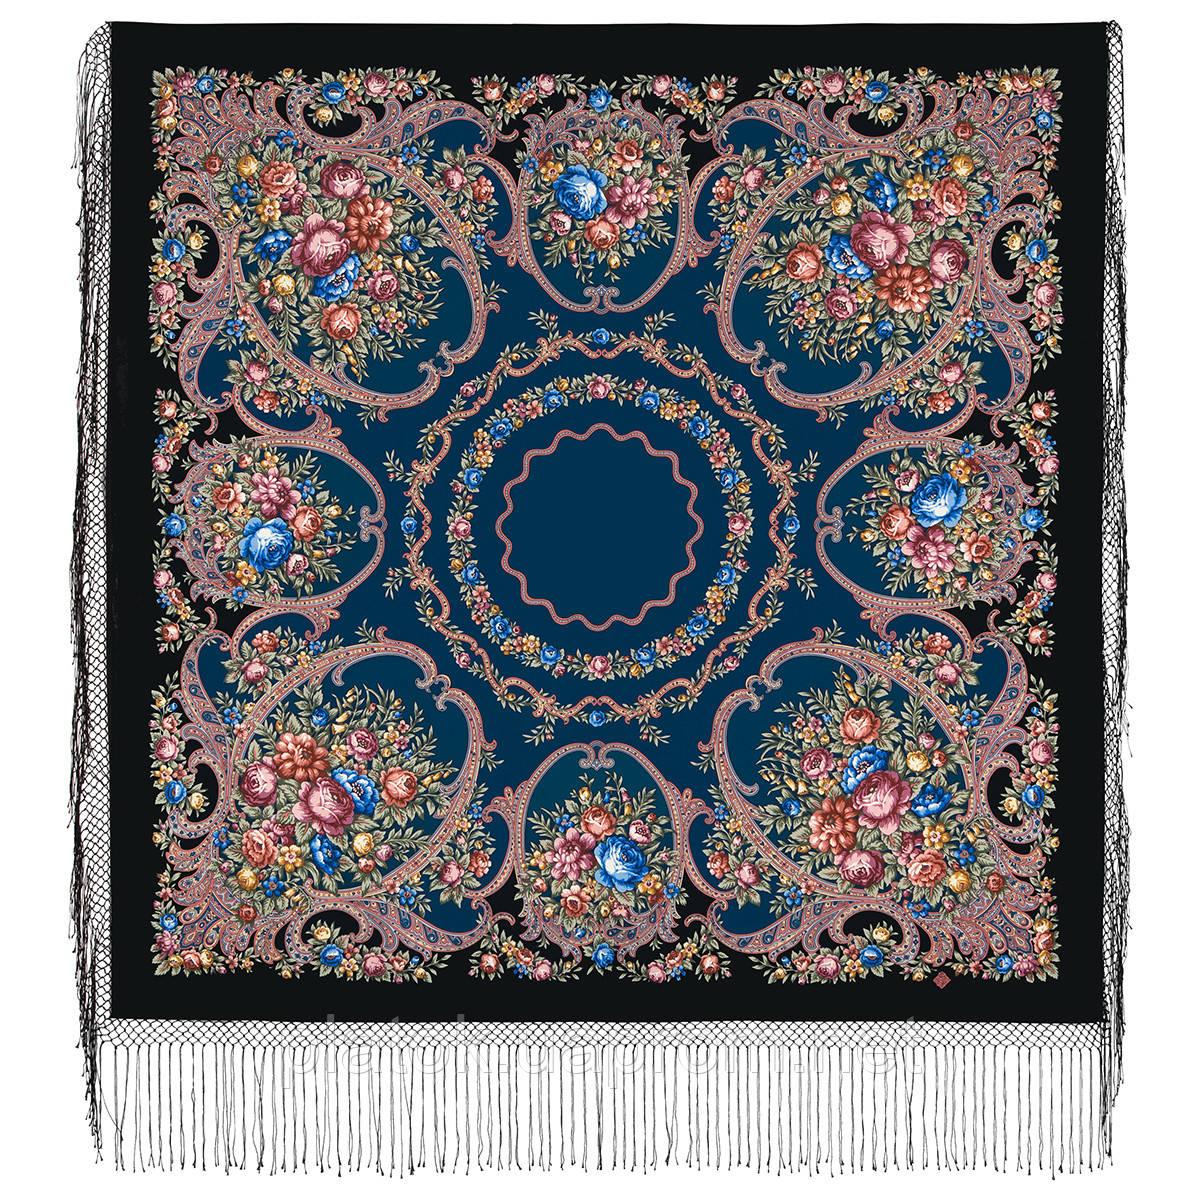 Русские сезоны 948-18, павлопосадский платок (шаль) из уплотненной шерсти с шелковой вязанной бахромой